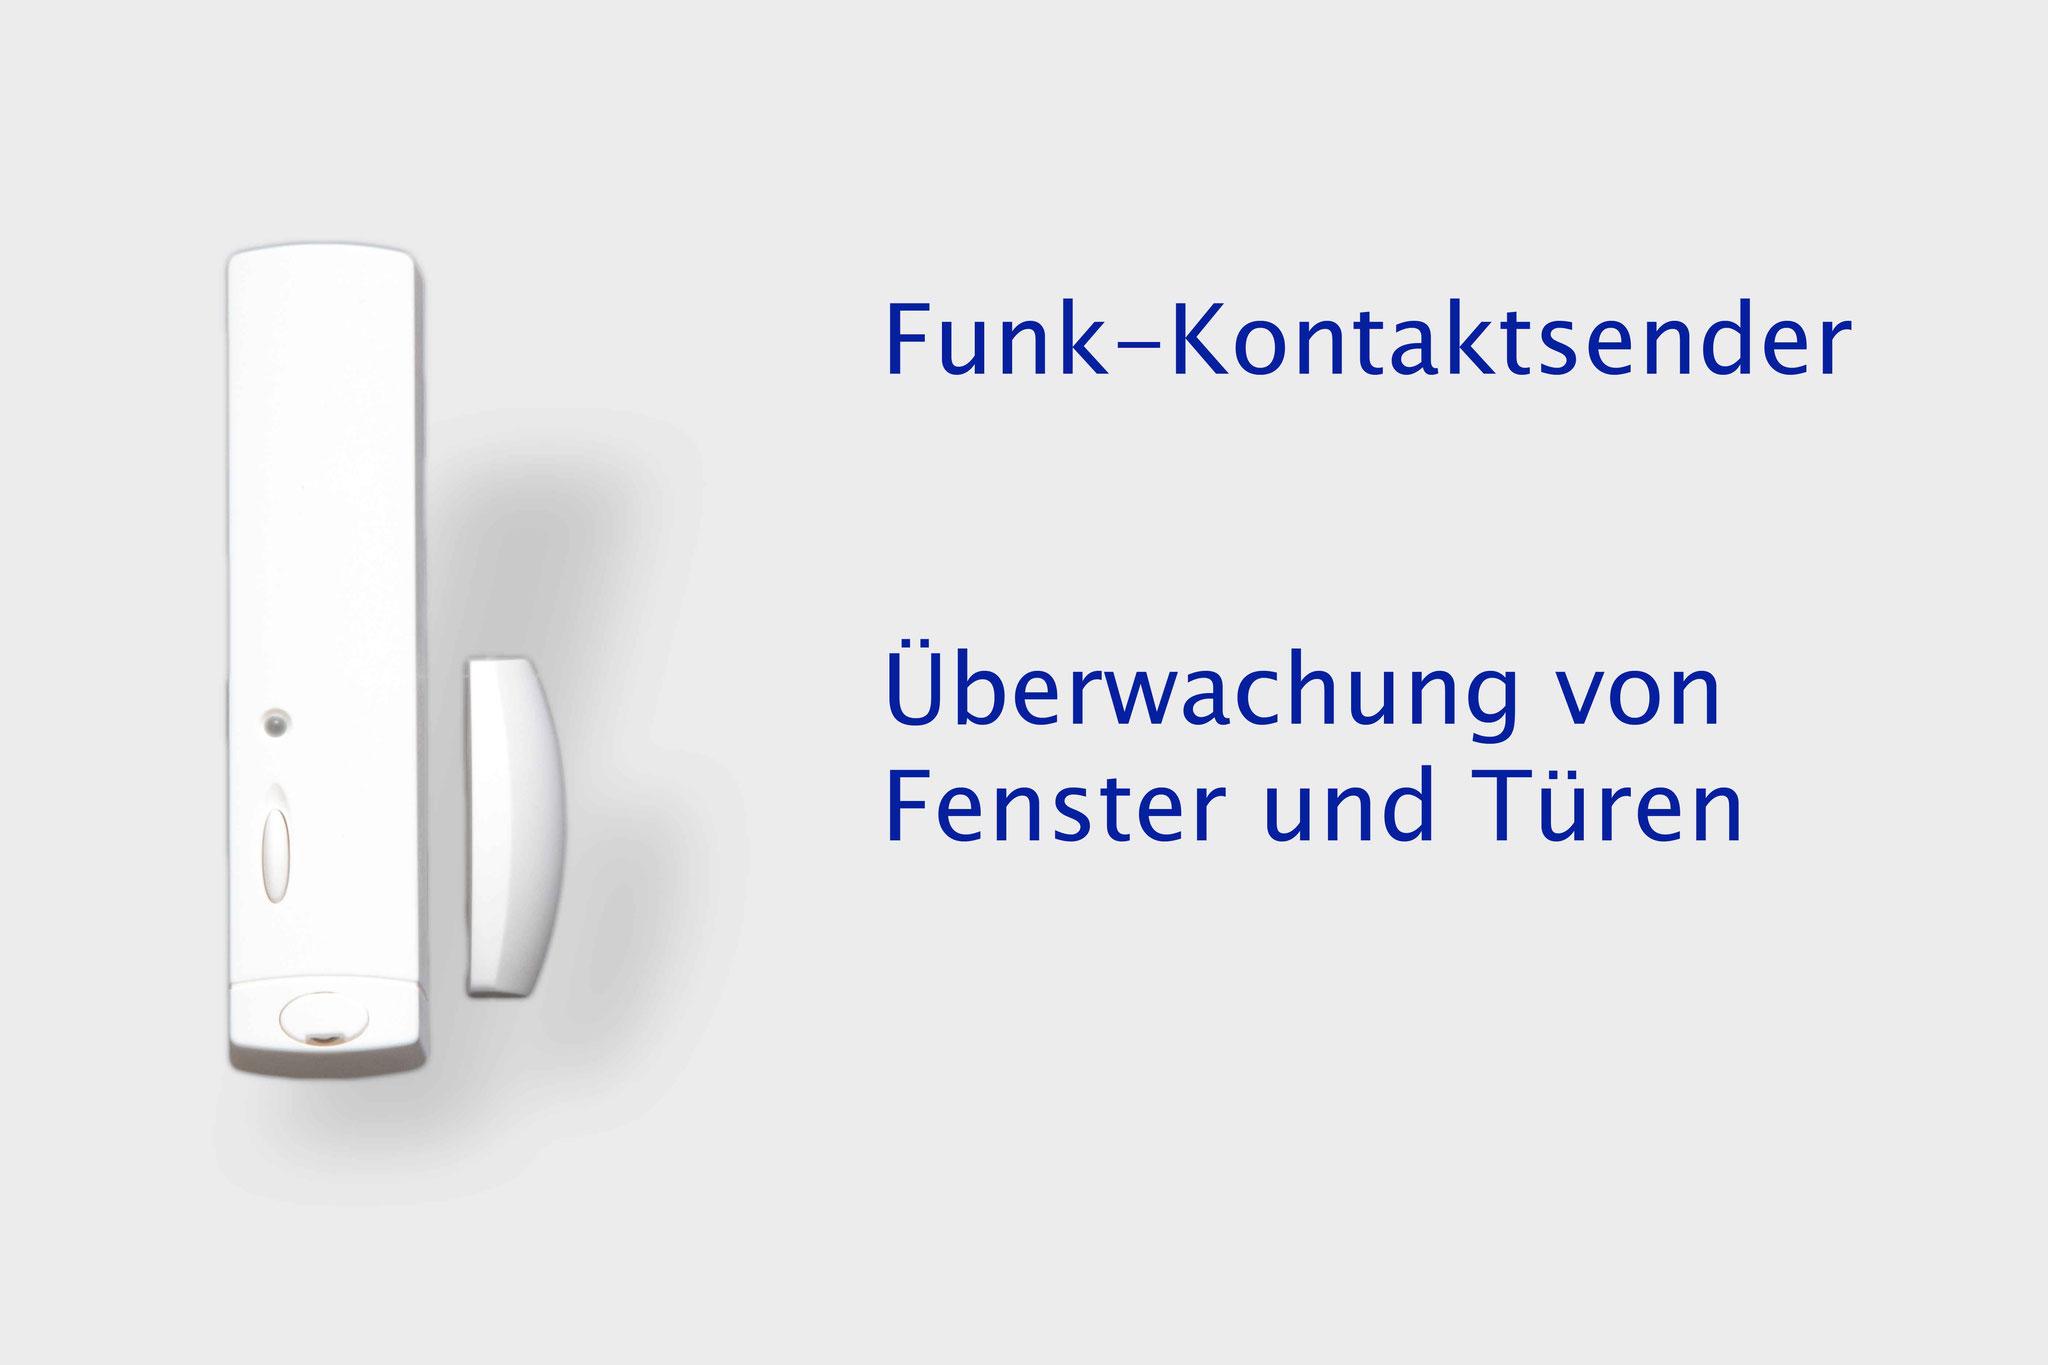 Funk Kontaktsender überwachen Fenster und Türen